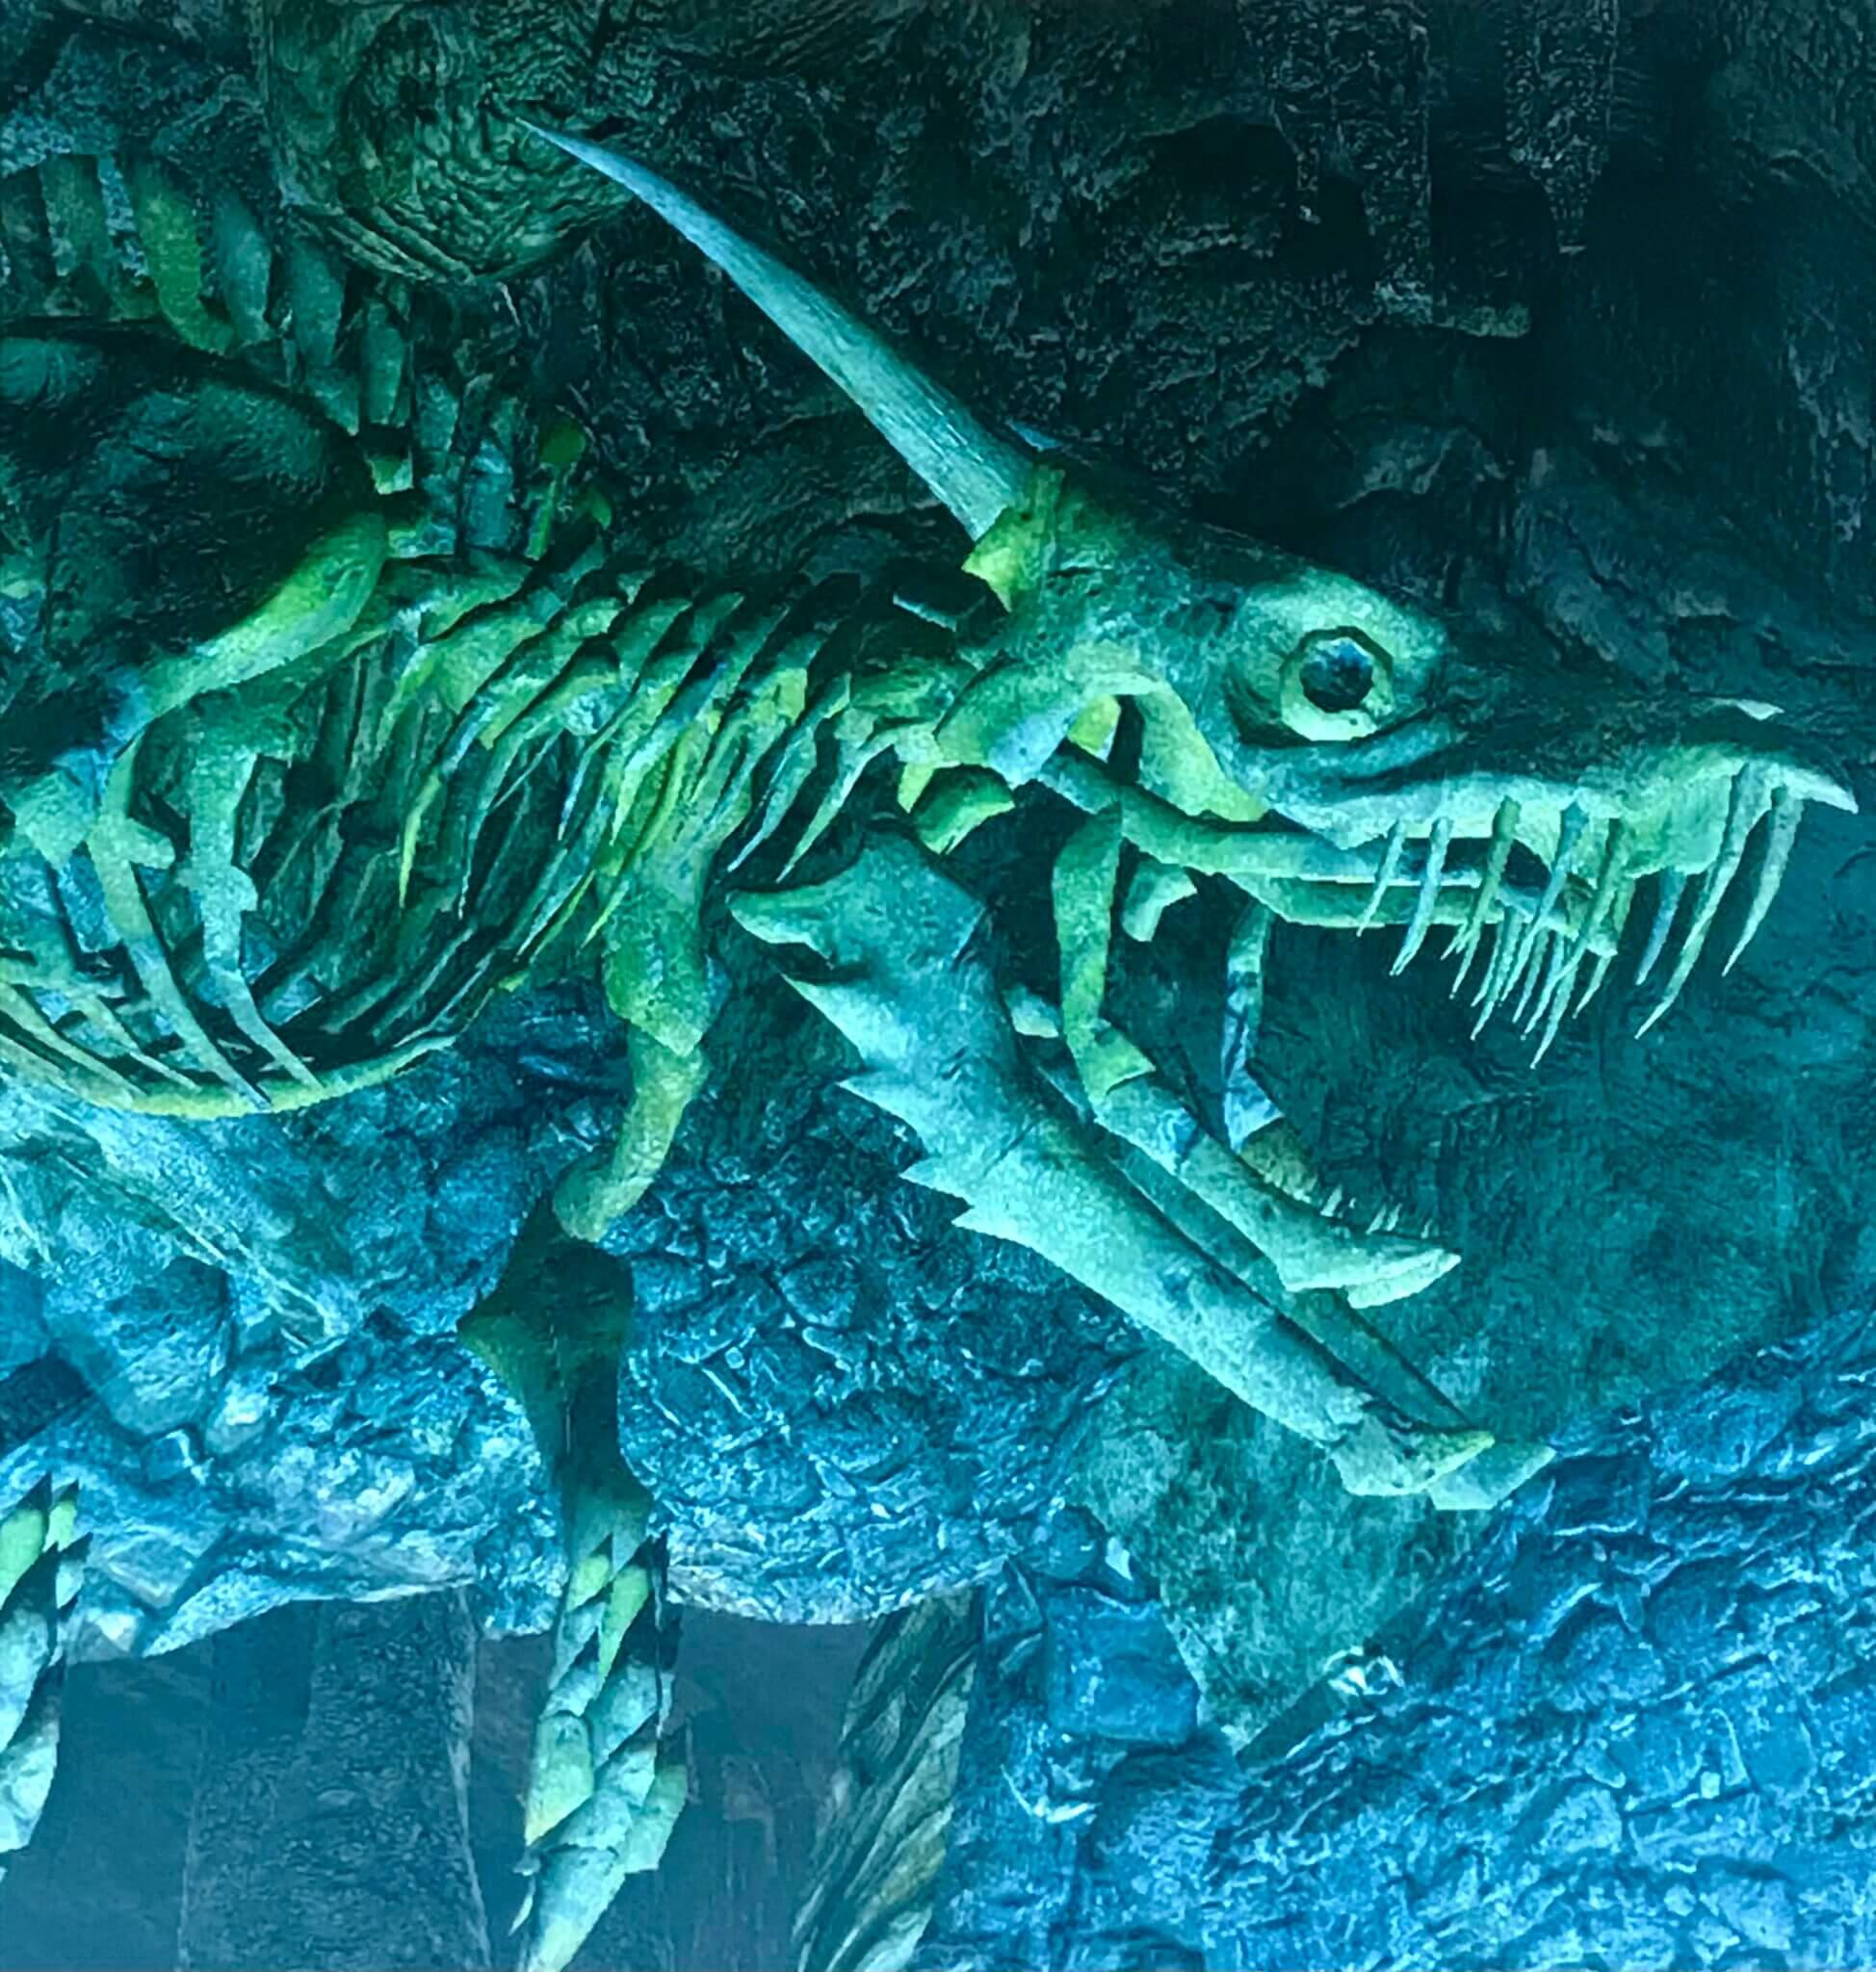 【MHRise】溶岩洞の手記にある脈動のような地面の振動の正体がこの骨っぽいんだけど・・・【モンハンライズ】